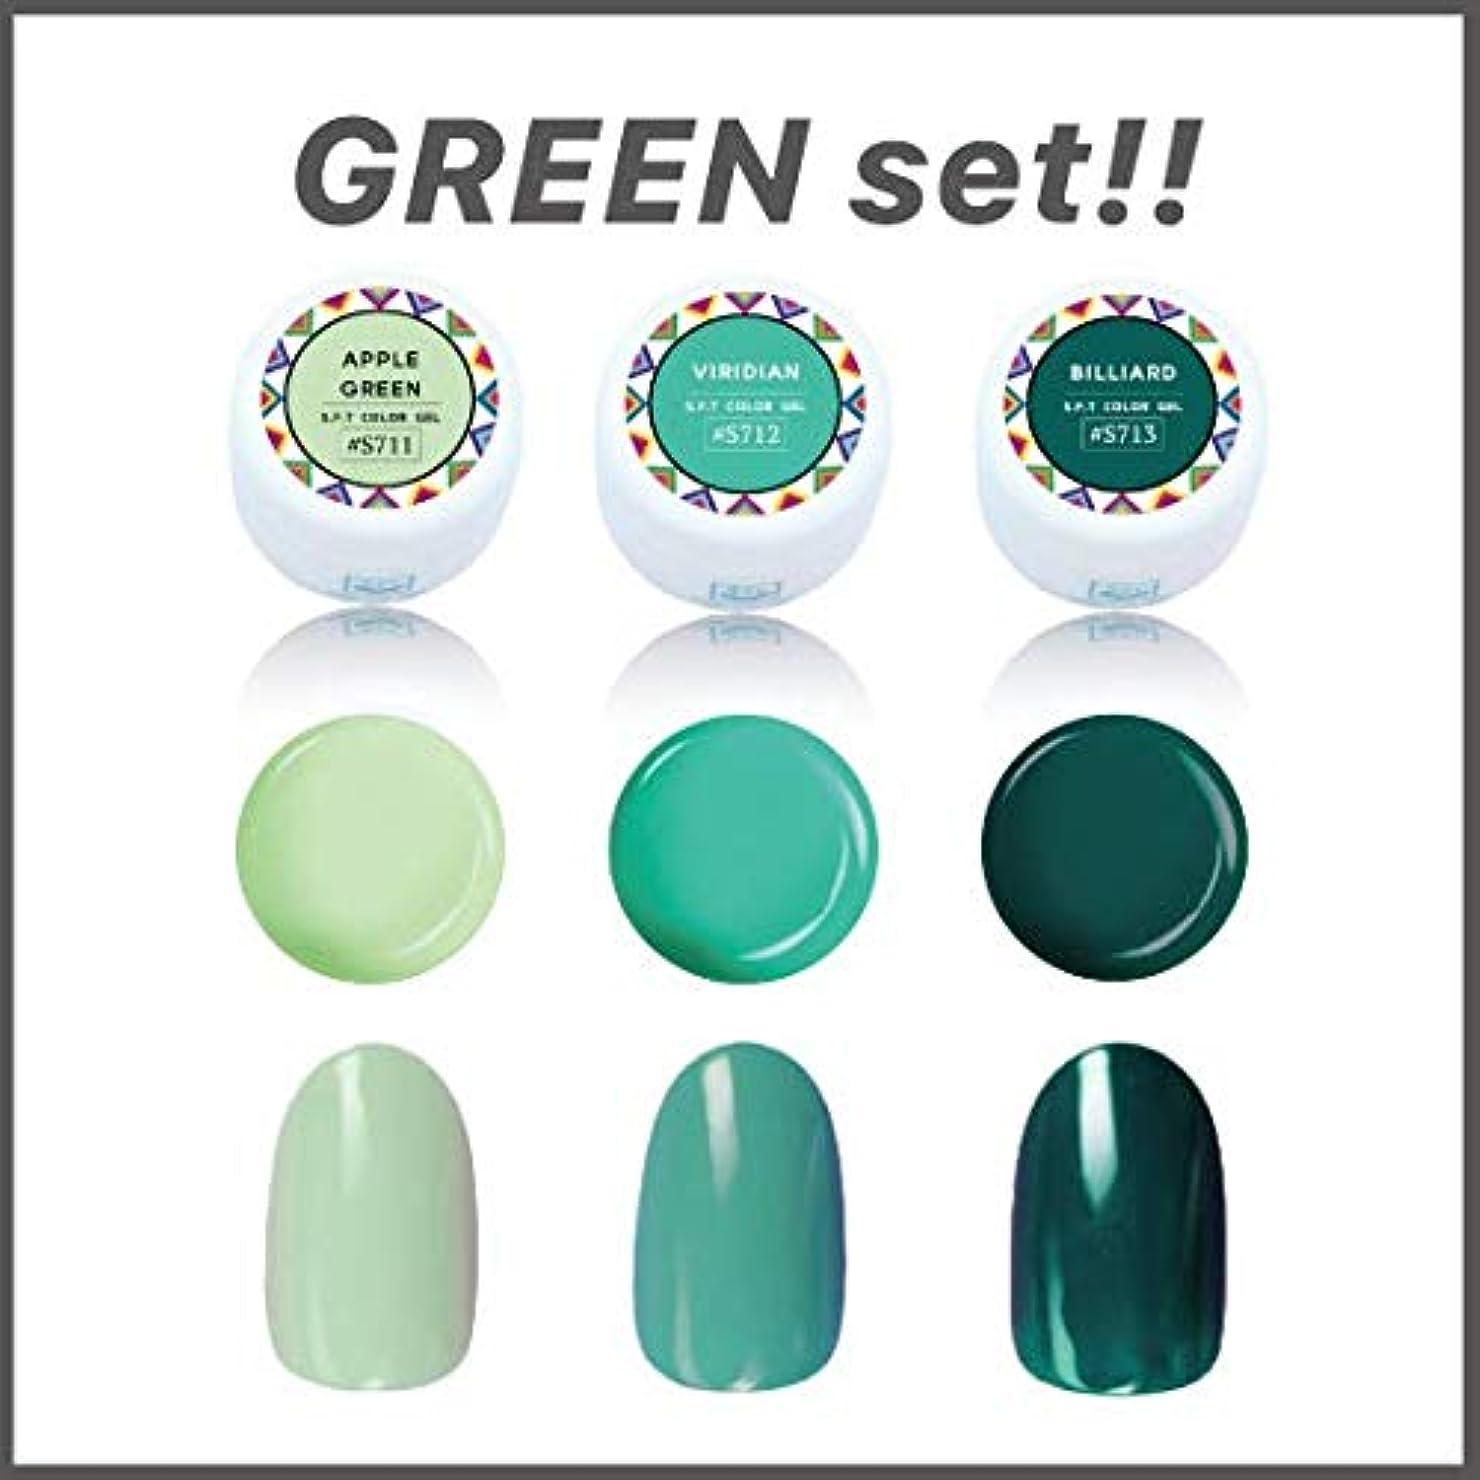 ラベ健康的指標日本製 ジェルネイル グリーンセット 3色セット FUNSIDË ファンサイド カラージェル グリーン 黄緑 ターコイズ